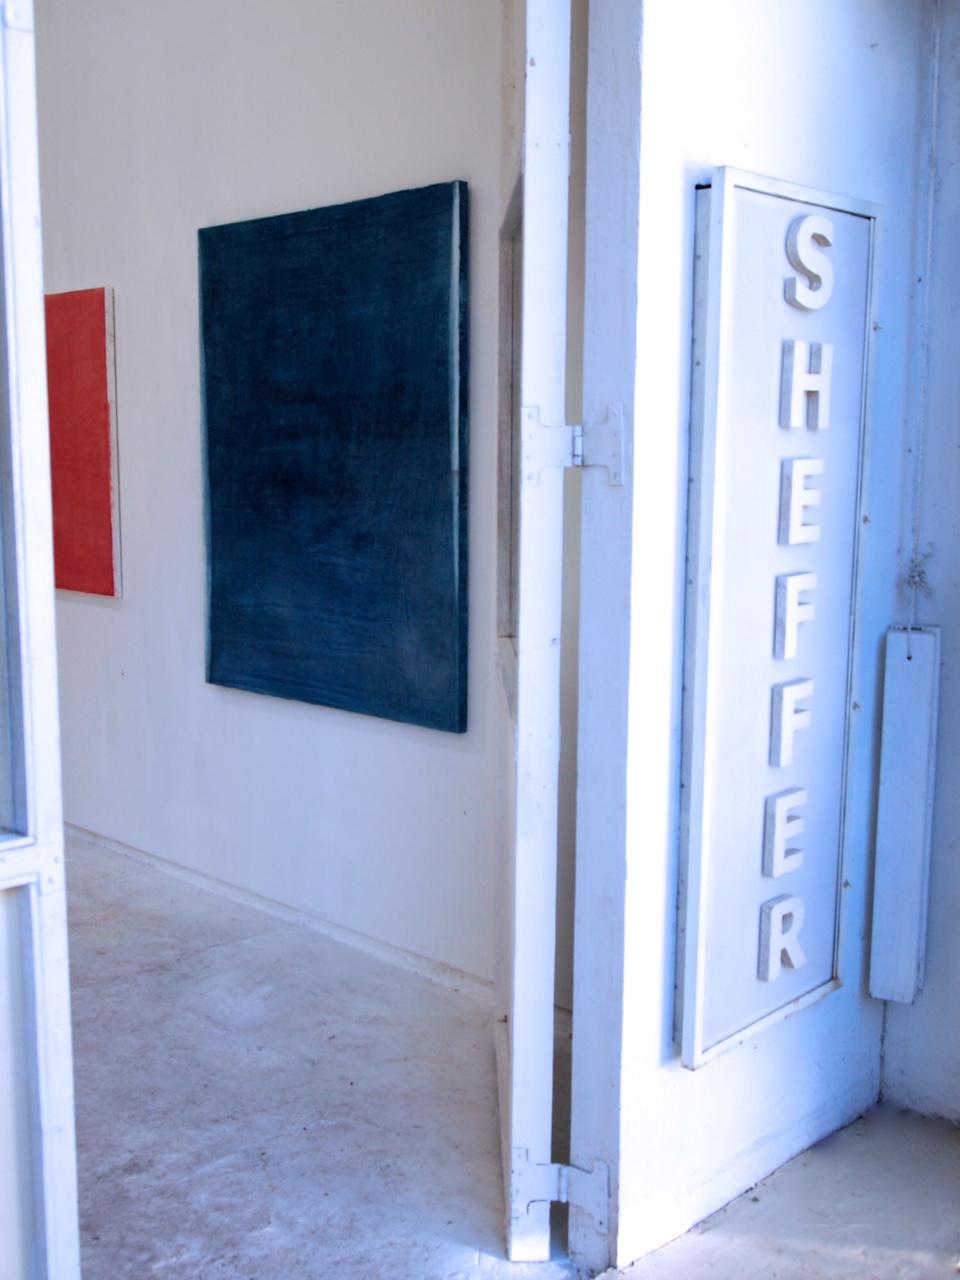 Sheffer Gallery, 2011